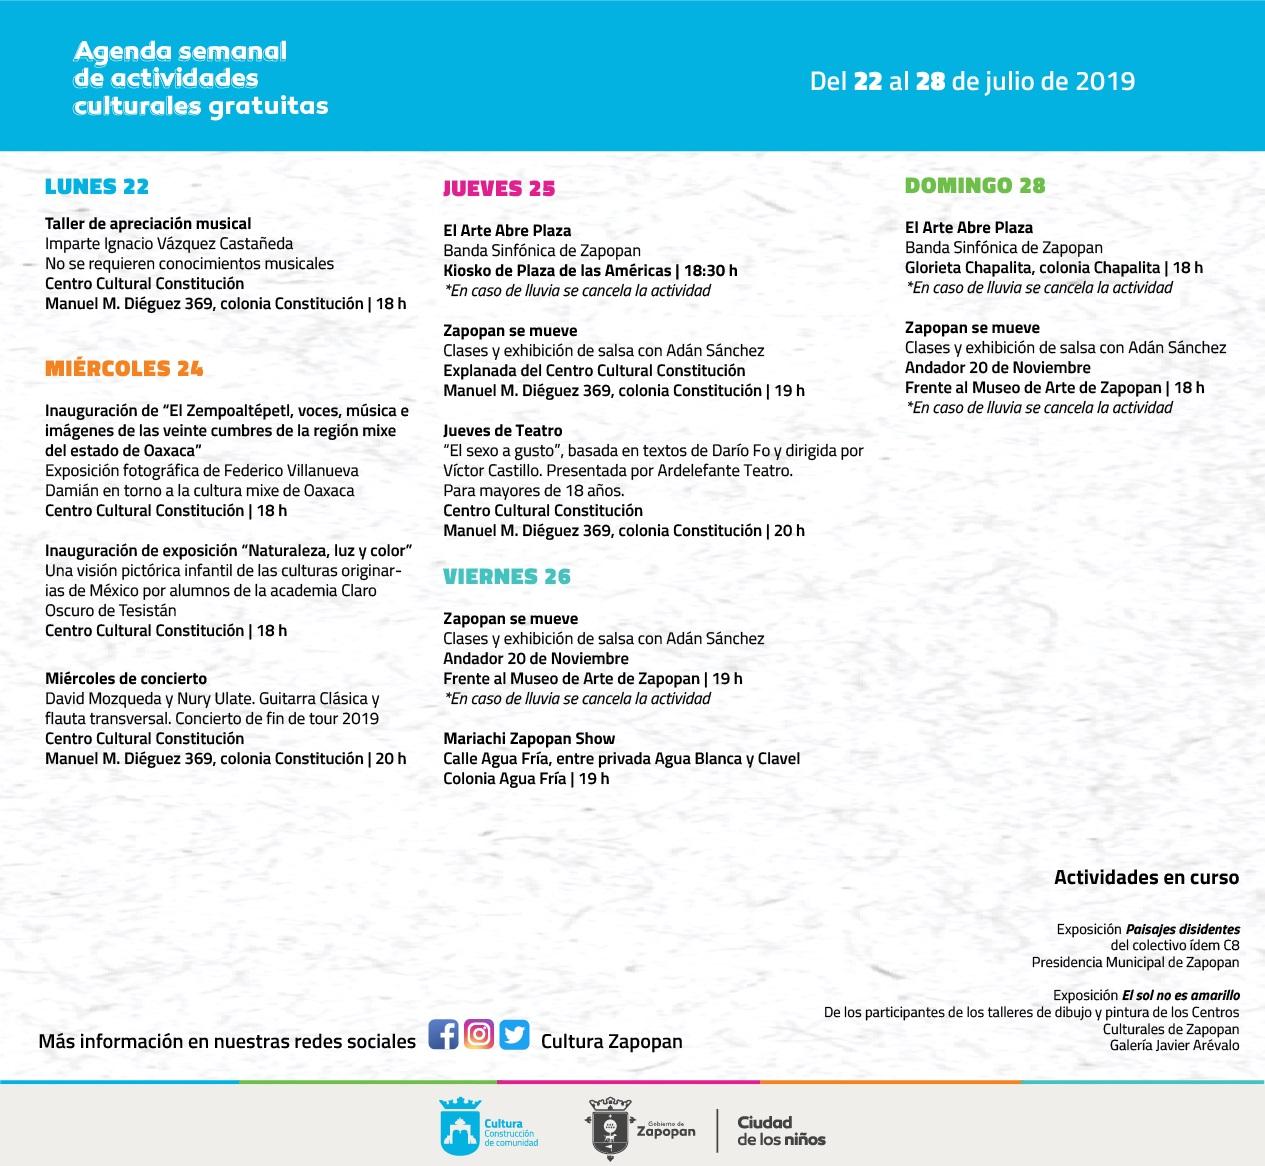 Agenda semanal de actividades culturales Zapopan